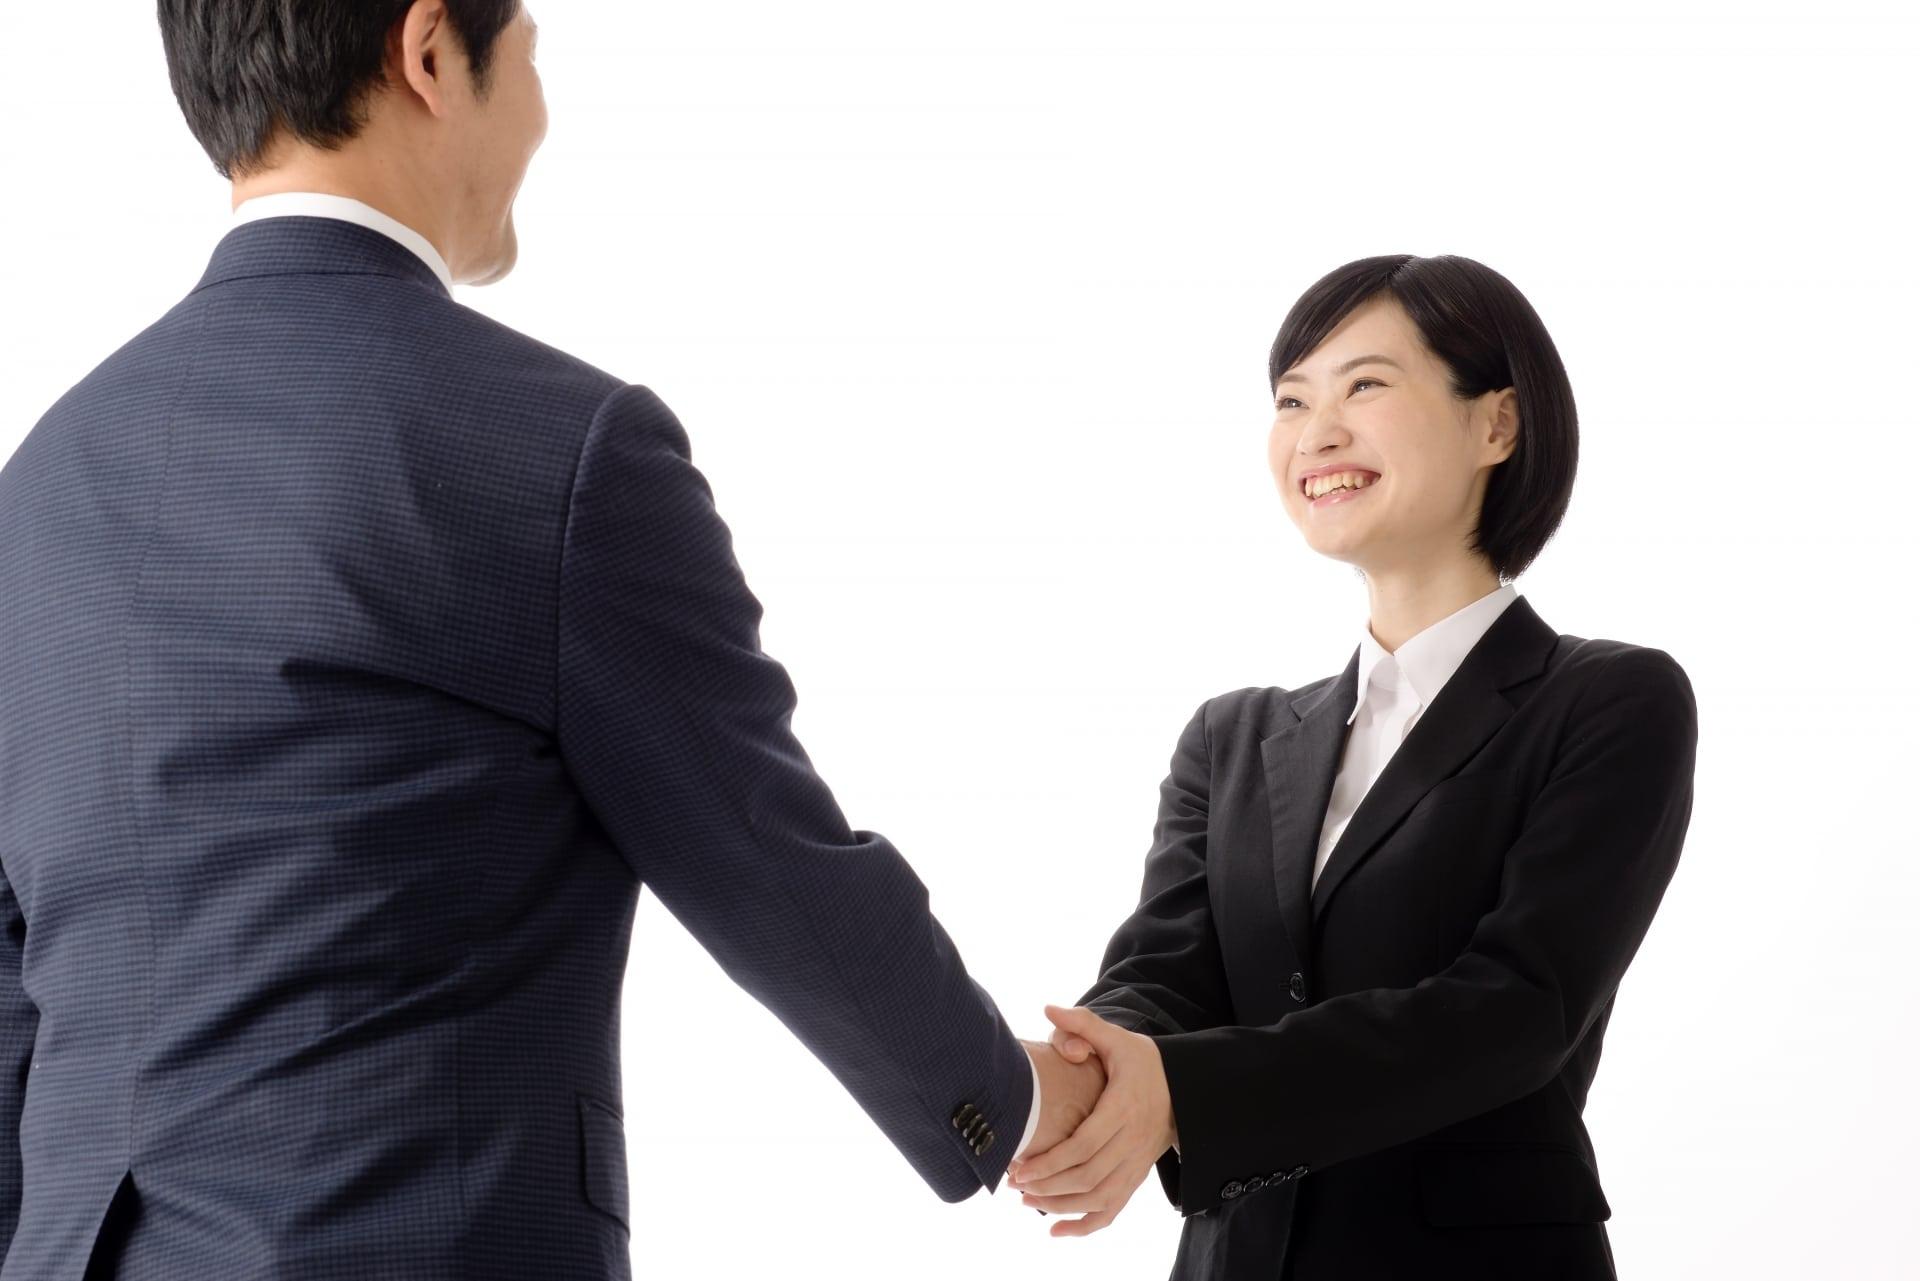 握手をする就活生